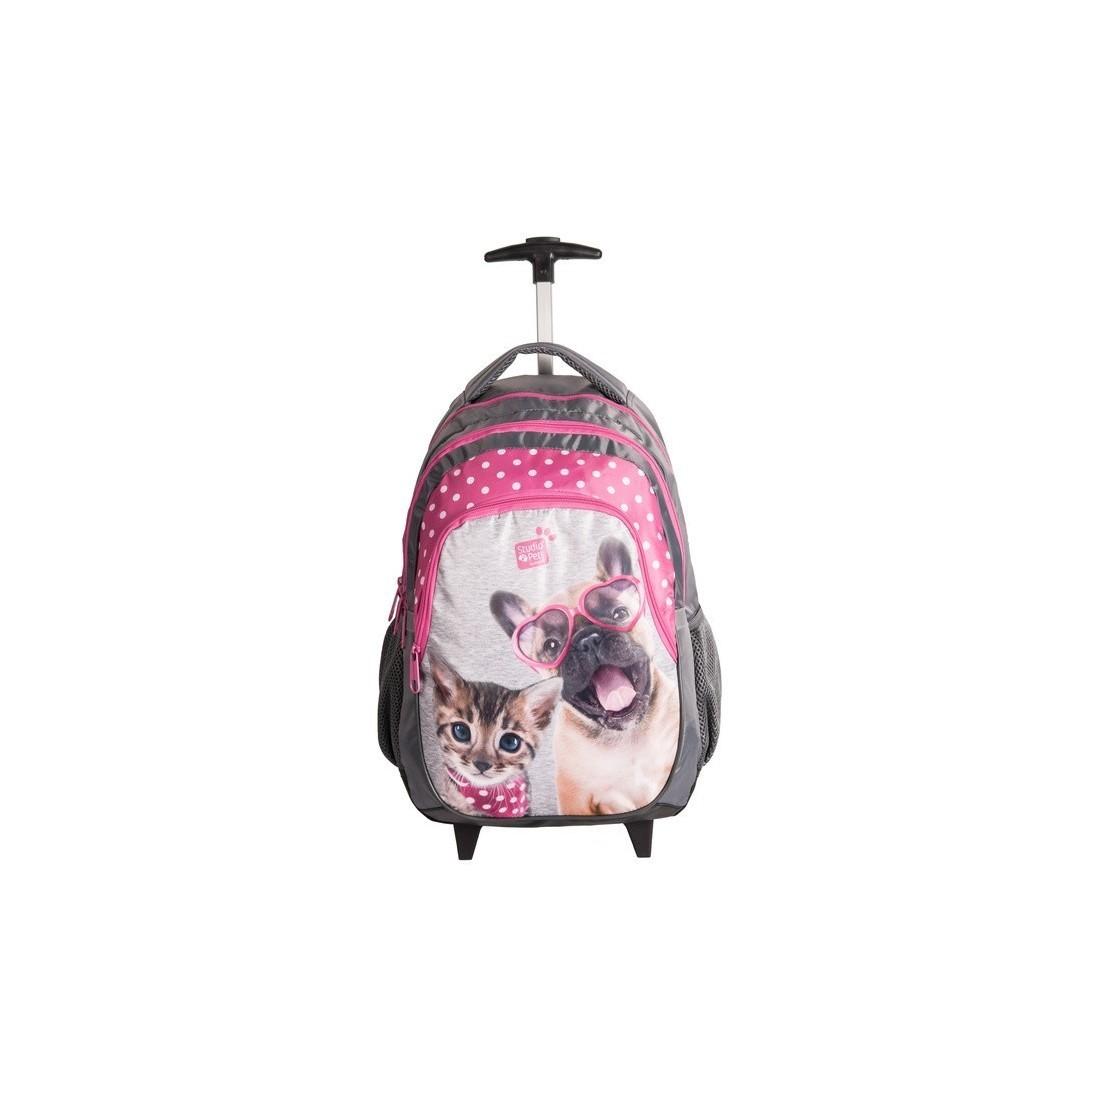 kupuj bestsellery wylot online Darmowa dostawa Plecak na kółkach do szkoły Paso pies i kot dla dziewczynki.